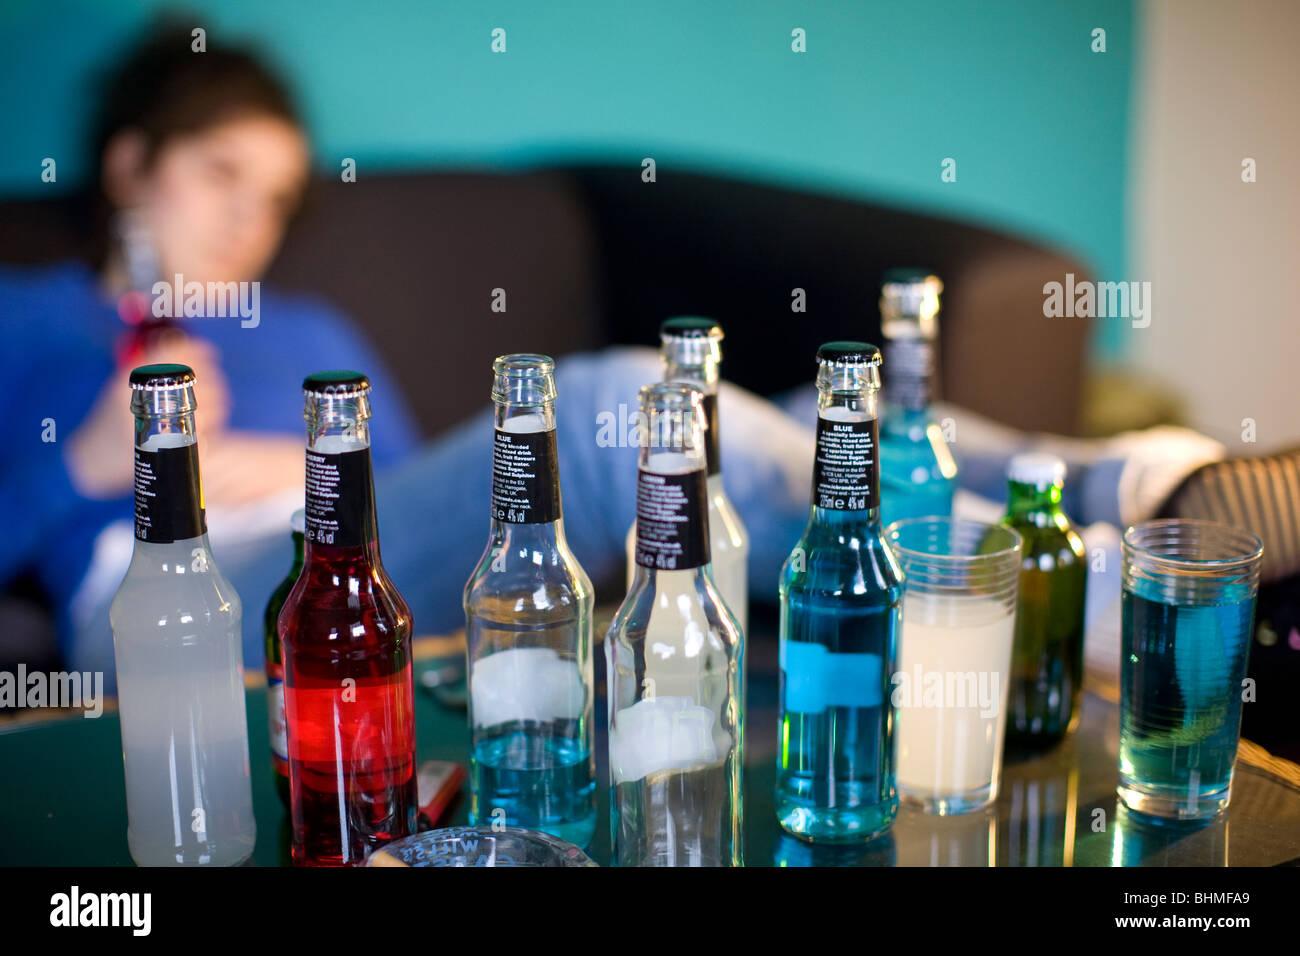 Jeune femme et alcopop boissons, modèle publié à Londres Photo Stock